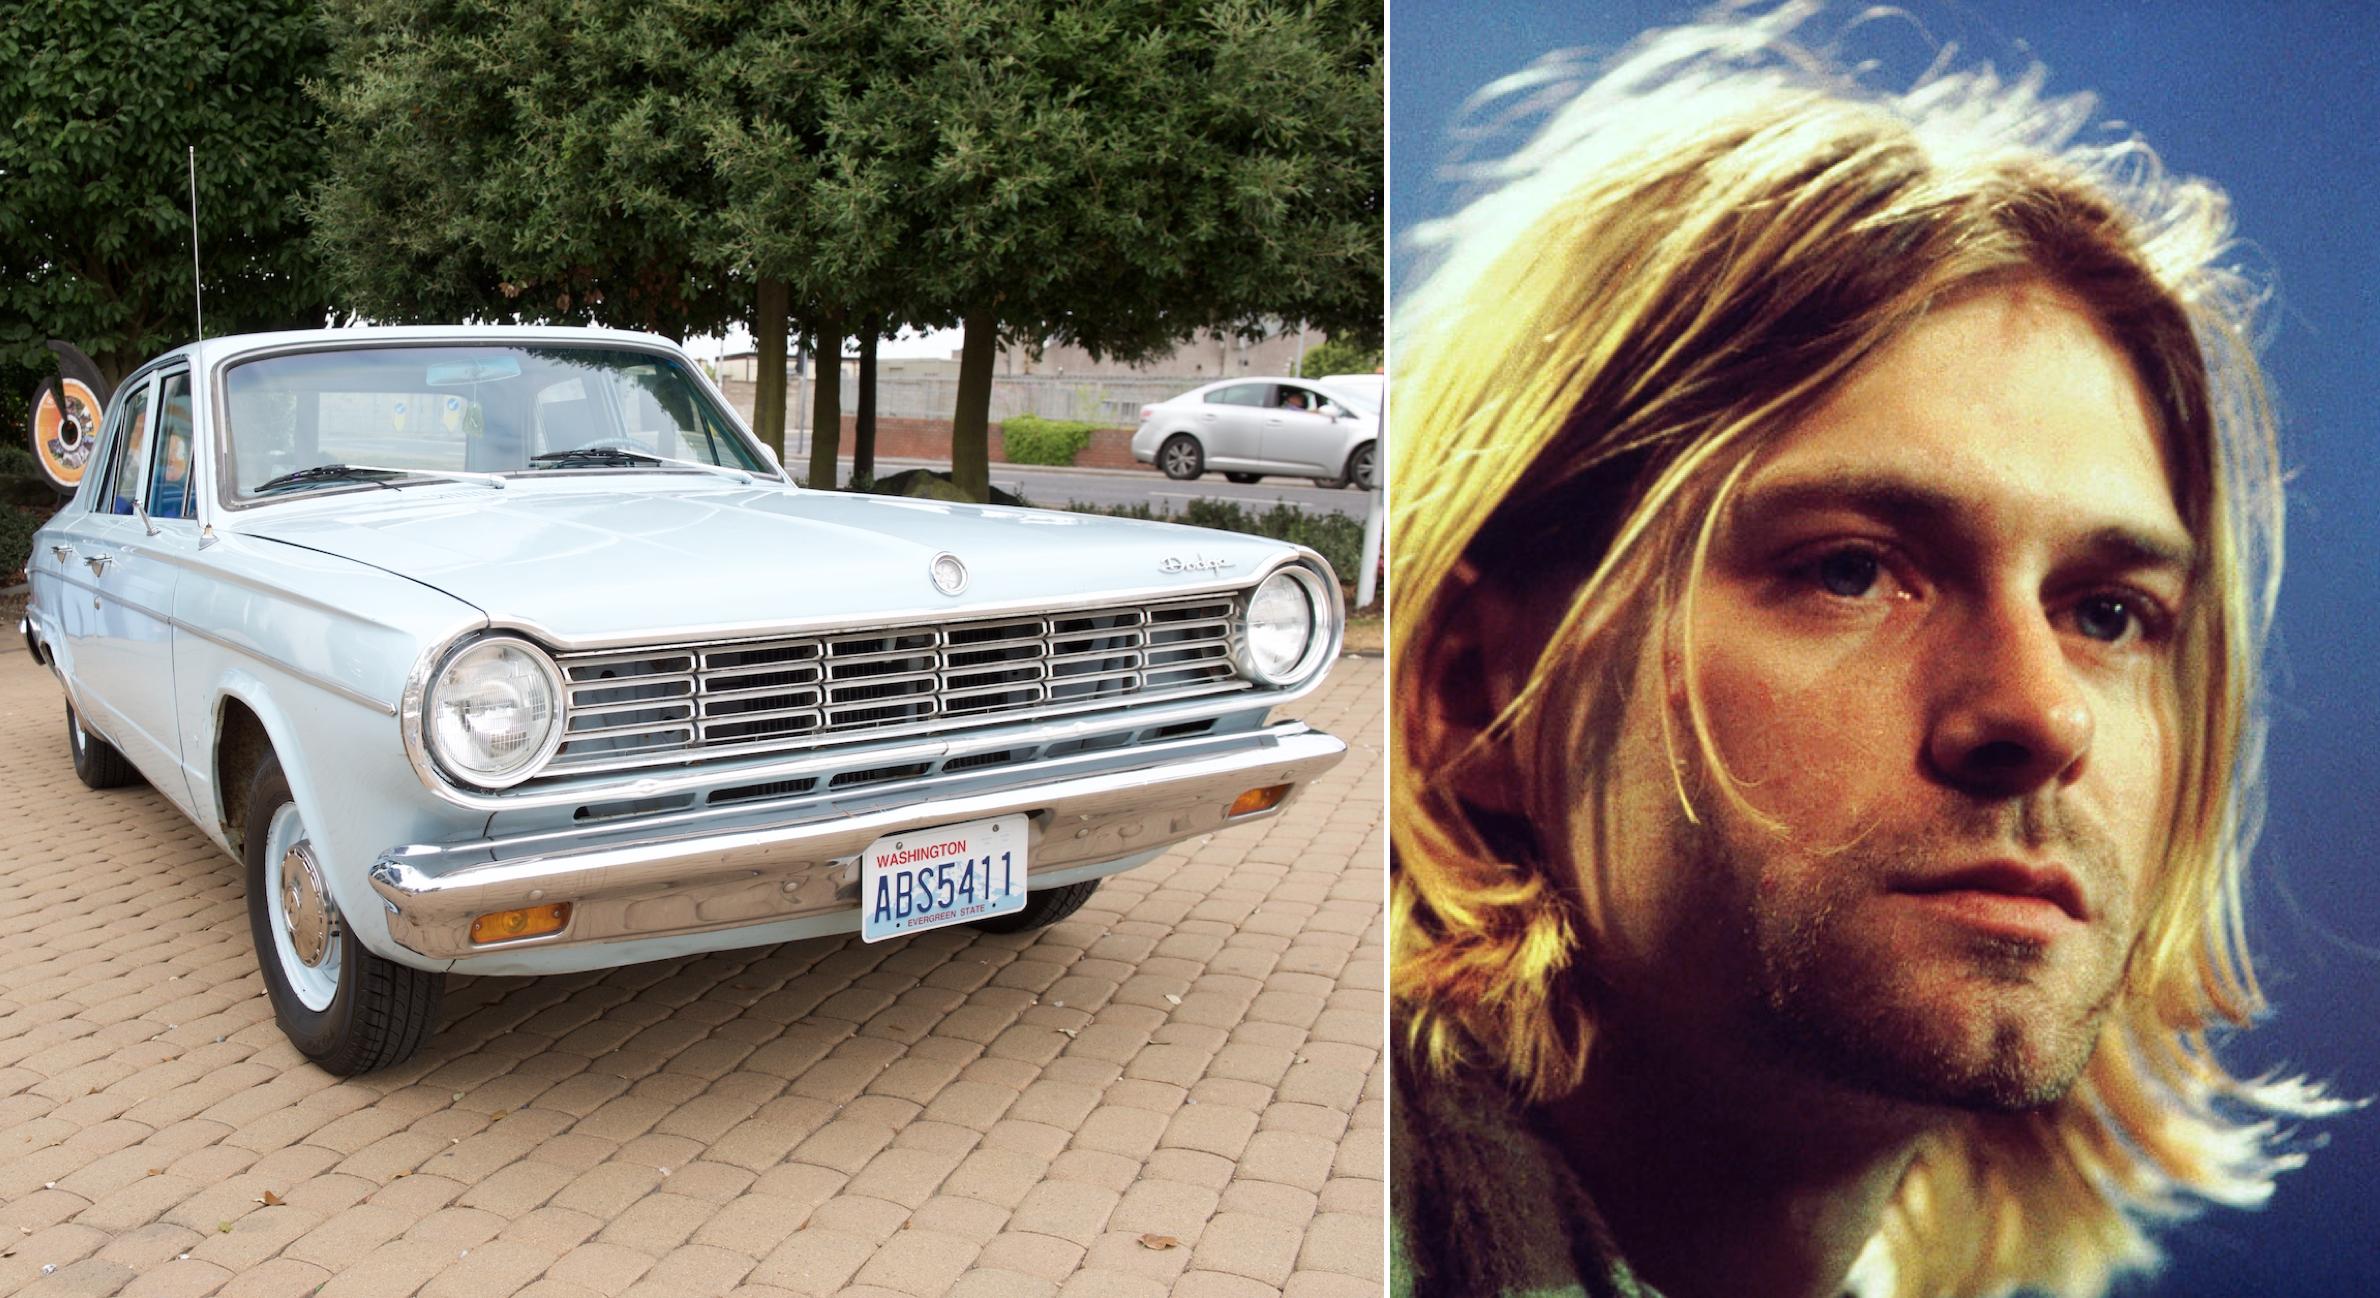 Un 20 de febrero nació Kurt Cobain y este fue el único auto de su vida